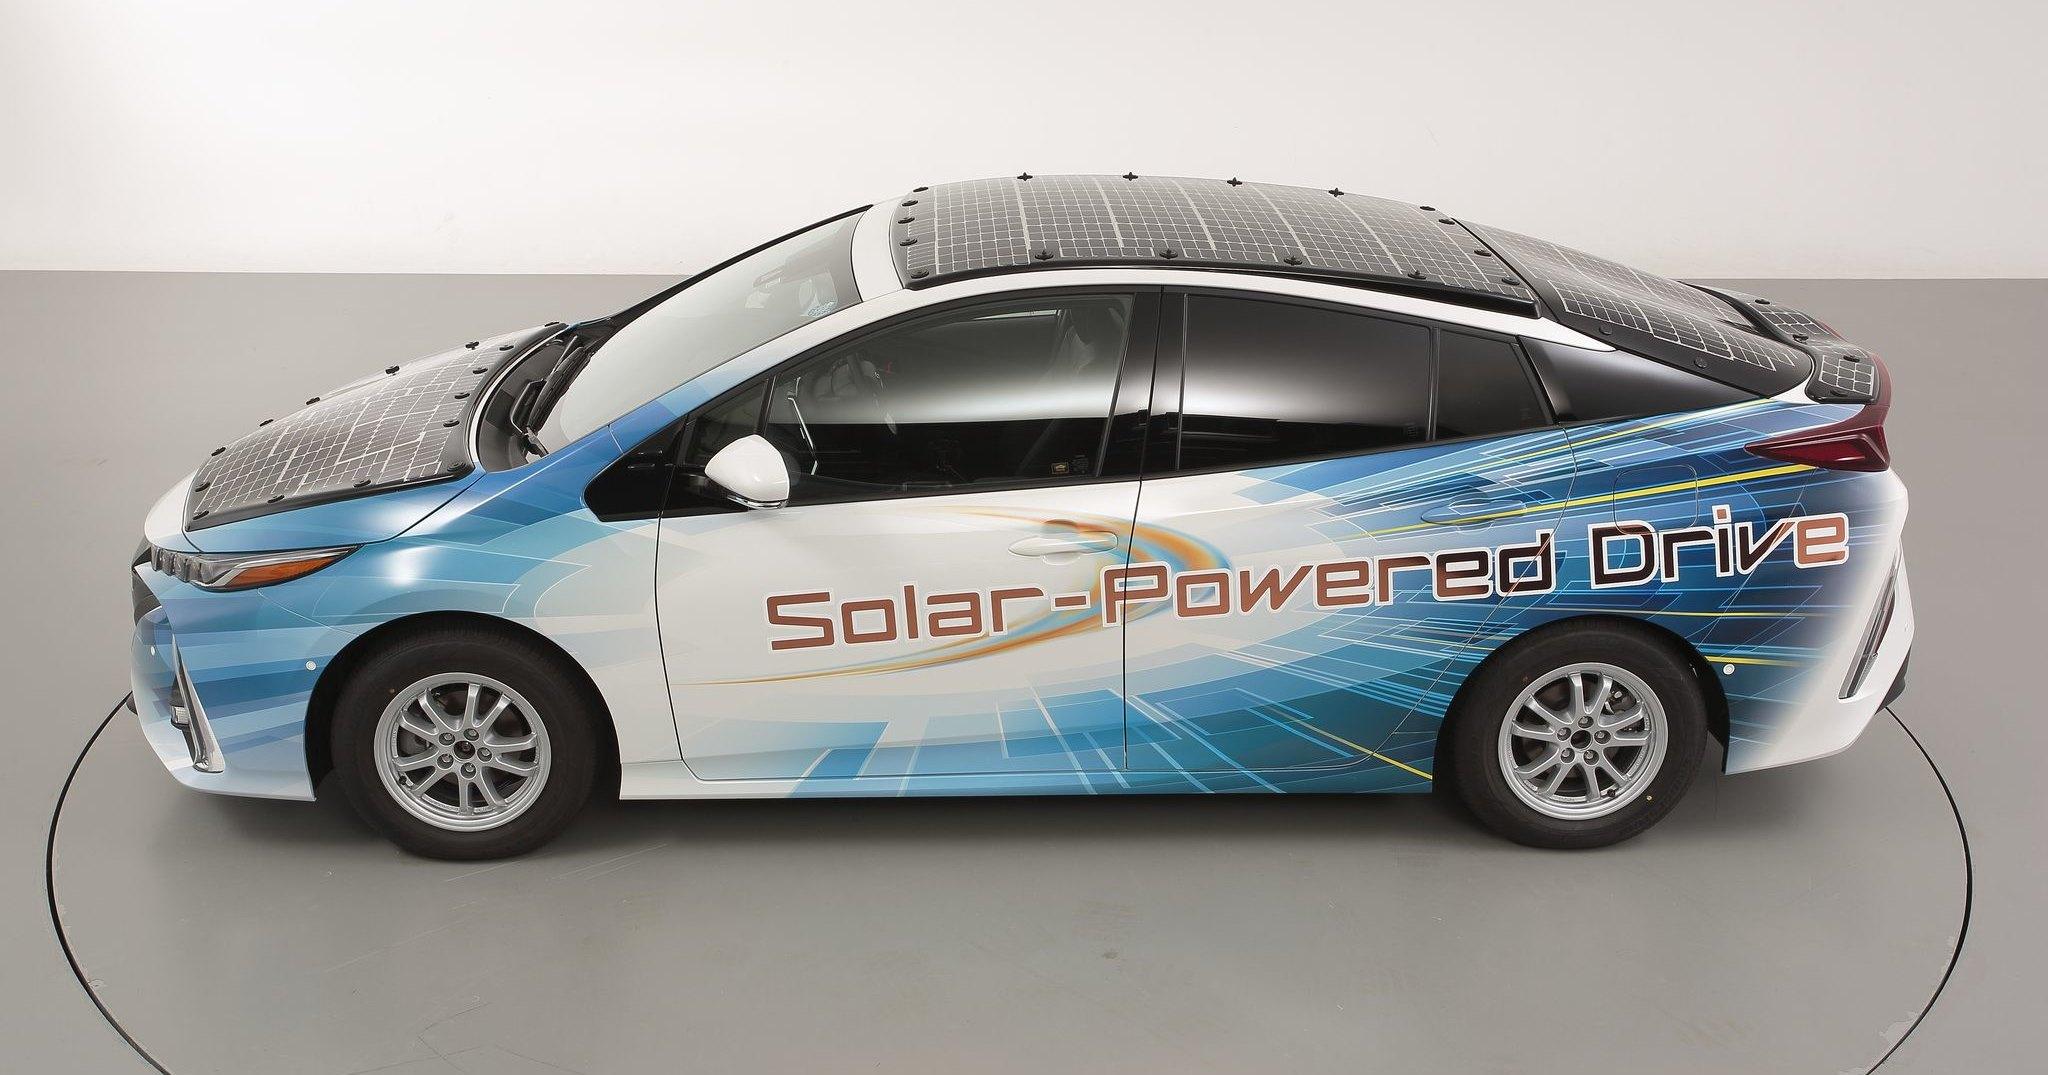 Электромобили откажутся от розеток в пользу солнечных батарей